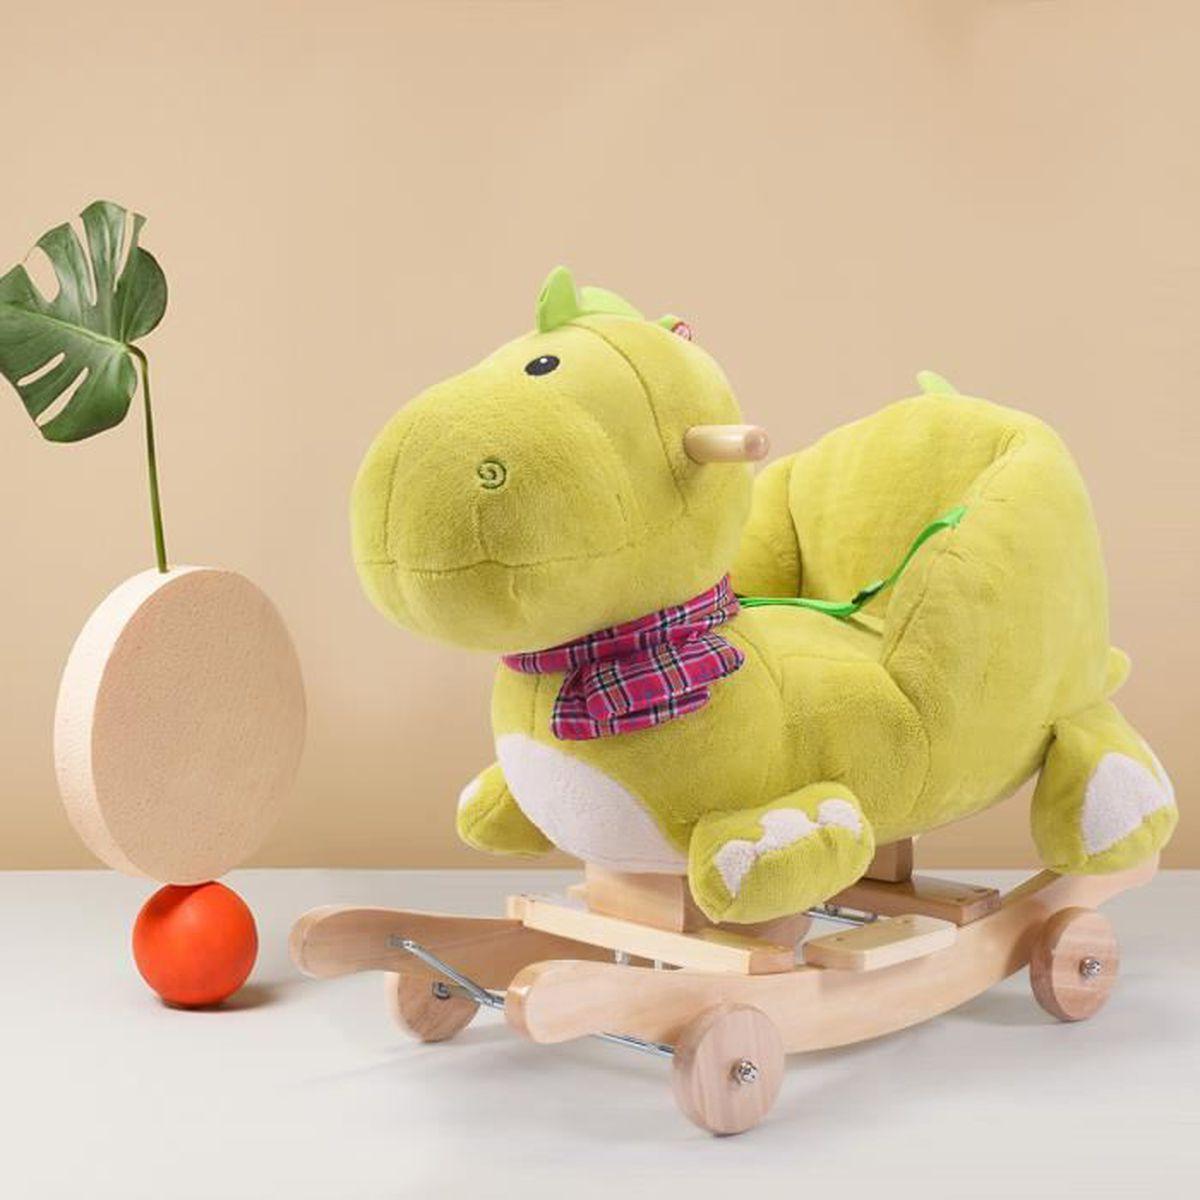 cheval bascule jouet pour b b balan oire peluche sonore pluieurs animaux achat vente. Black Bedroom Furniture Sets. Home Design Ideas